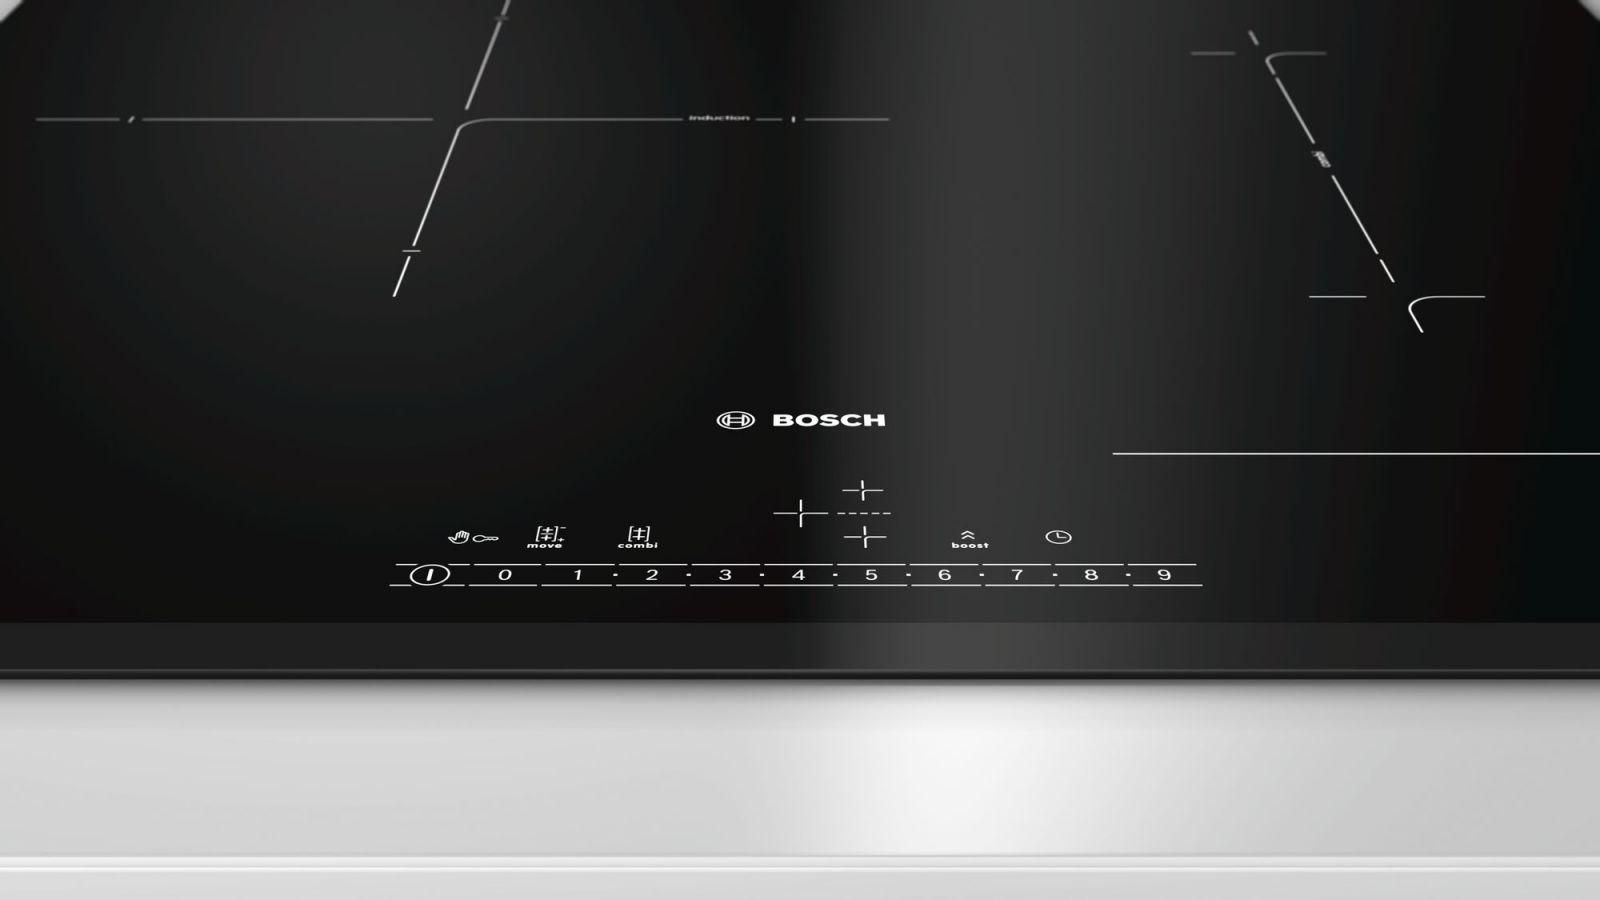 Cận cảnh bảng điều khiển và mặt kínhBosch PVJ631FB1E